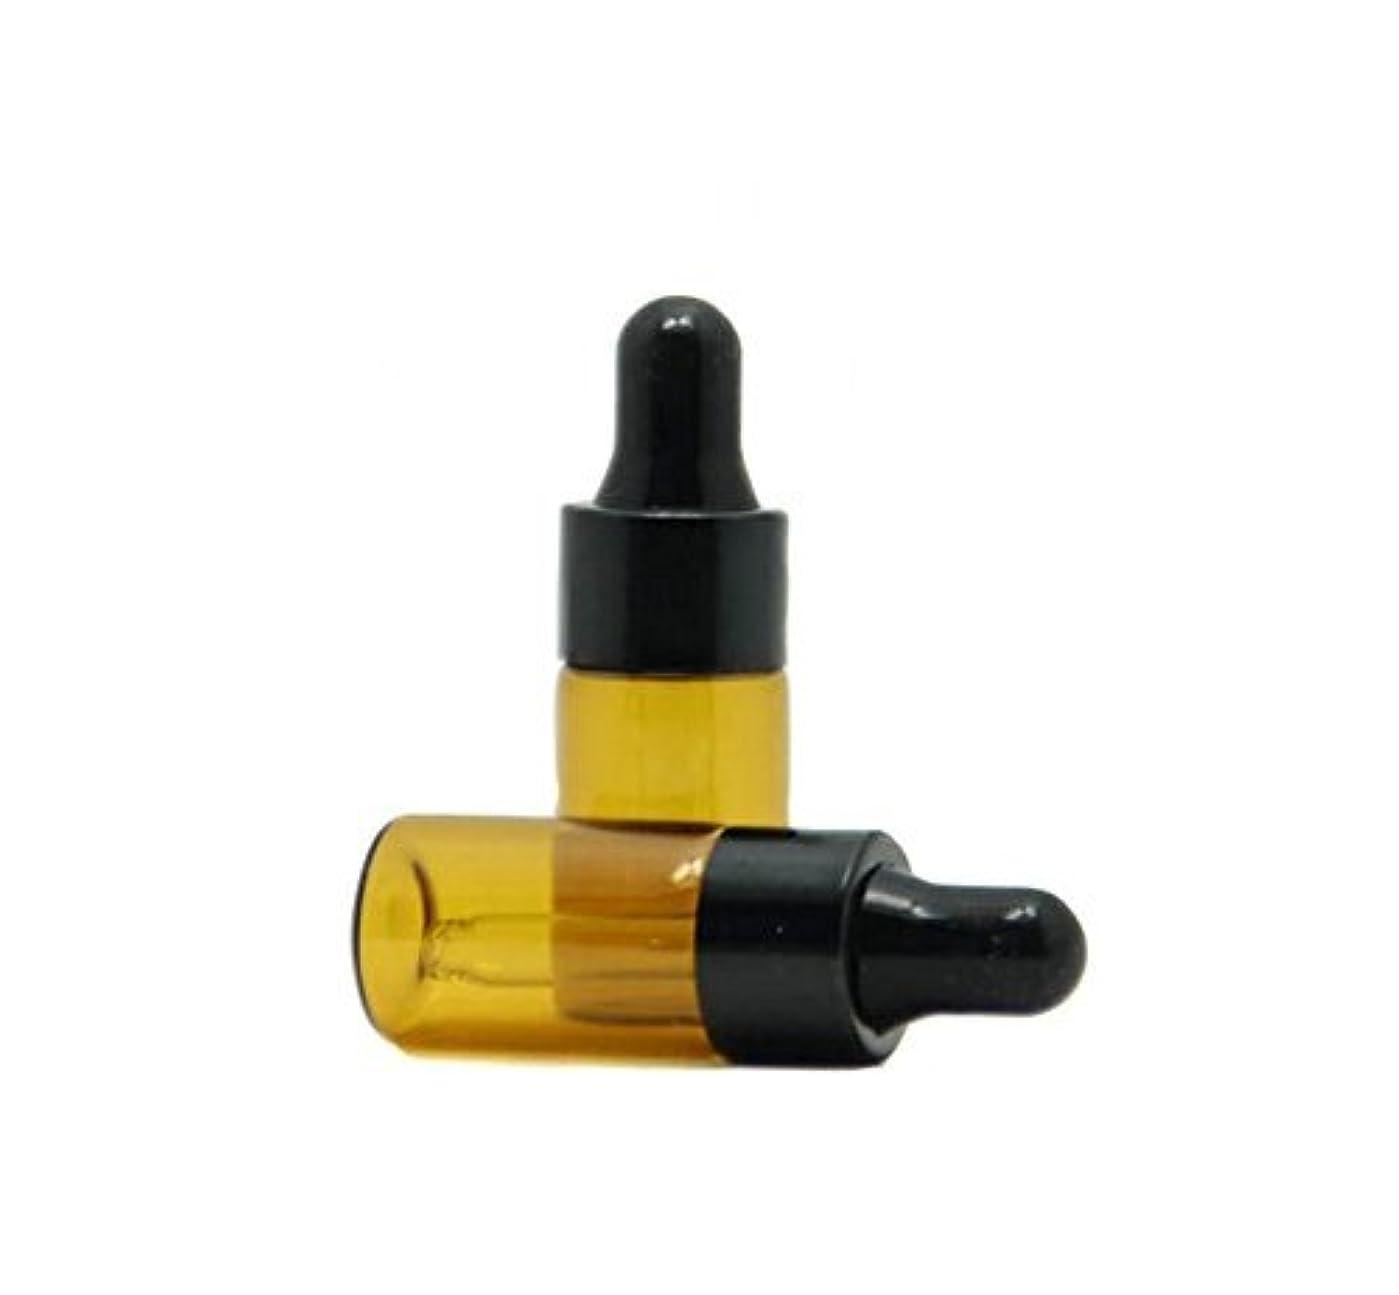 わずらわしい偶然のレンチ3ml 15 Pcs Refillable Mini Amber Glass Essential Oil Bottles Dropper Bottles Vials With Eyed Dropper For Aromatherapy...